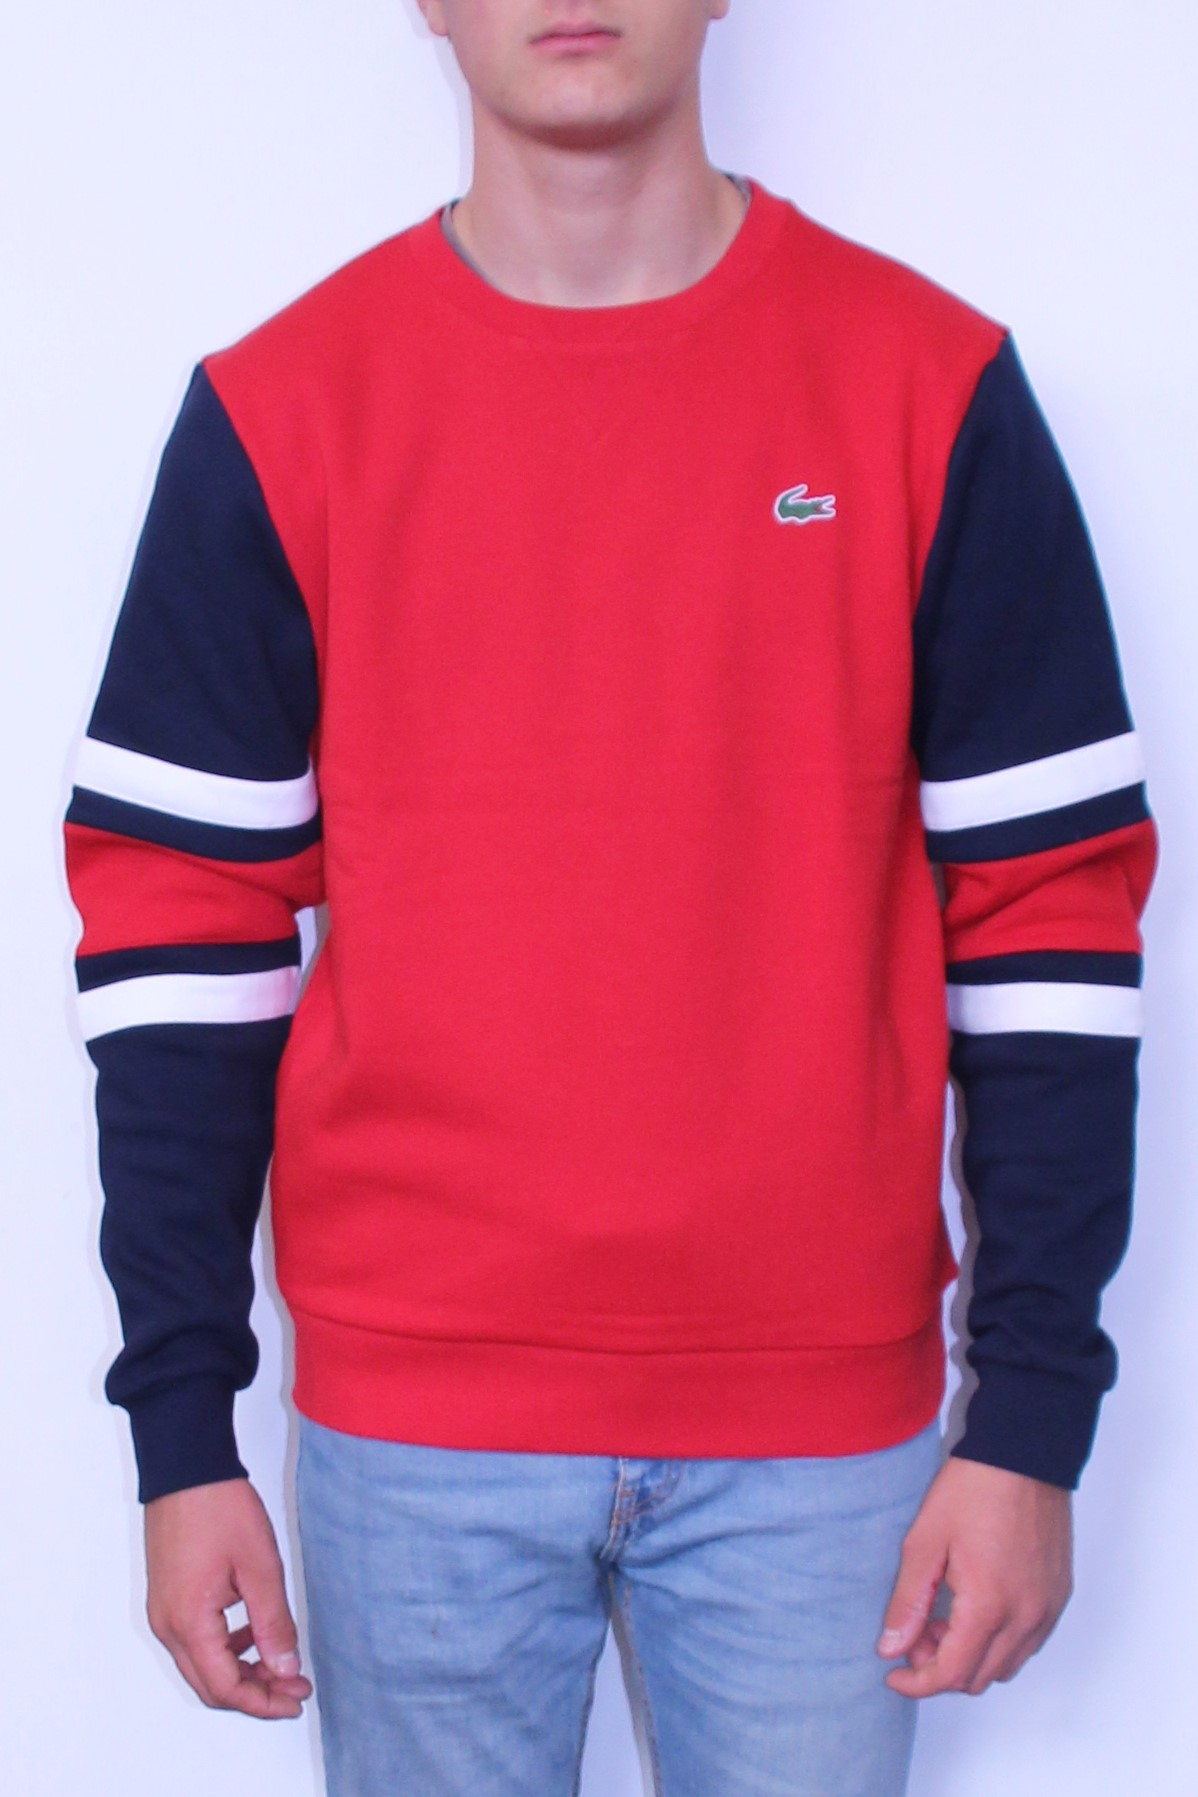 LACOSTE Sweat shirt Sport Rouge - SPORT AVENTURE